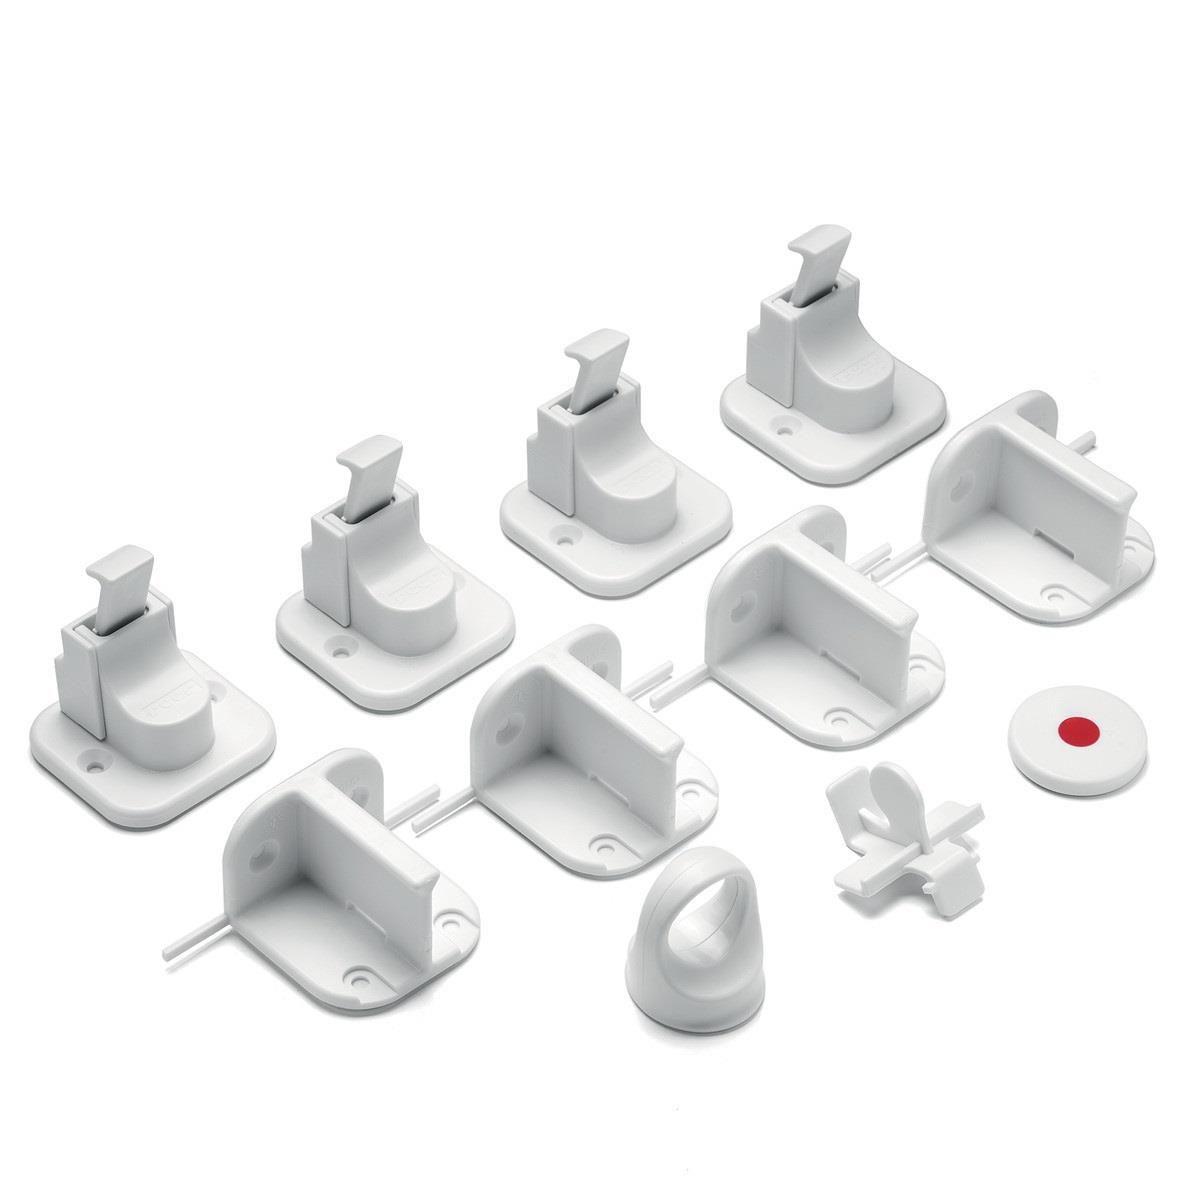 Pachet economic 4 incuietori magnetice pentru sertare si usi de dulapuri REER 51020 imagine